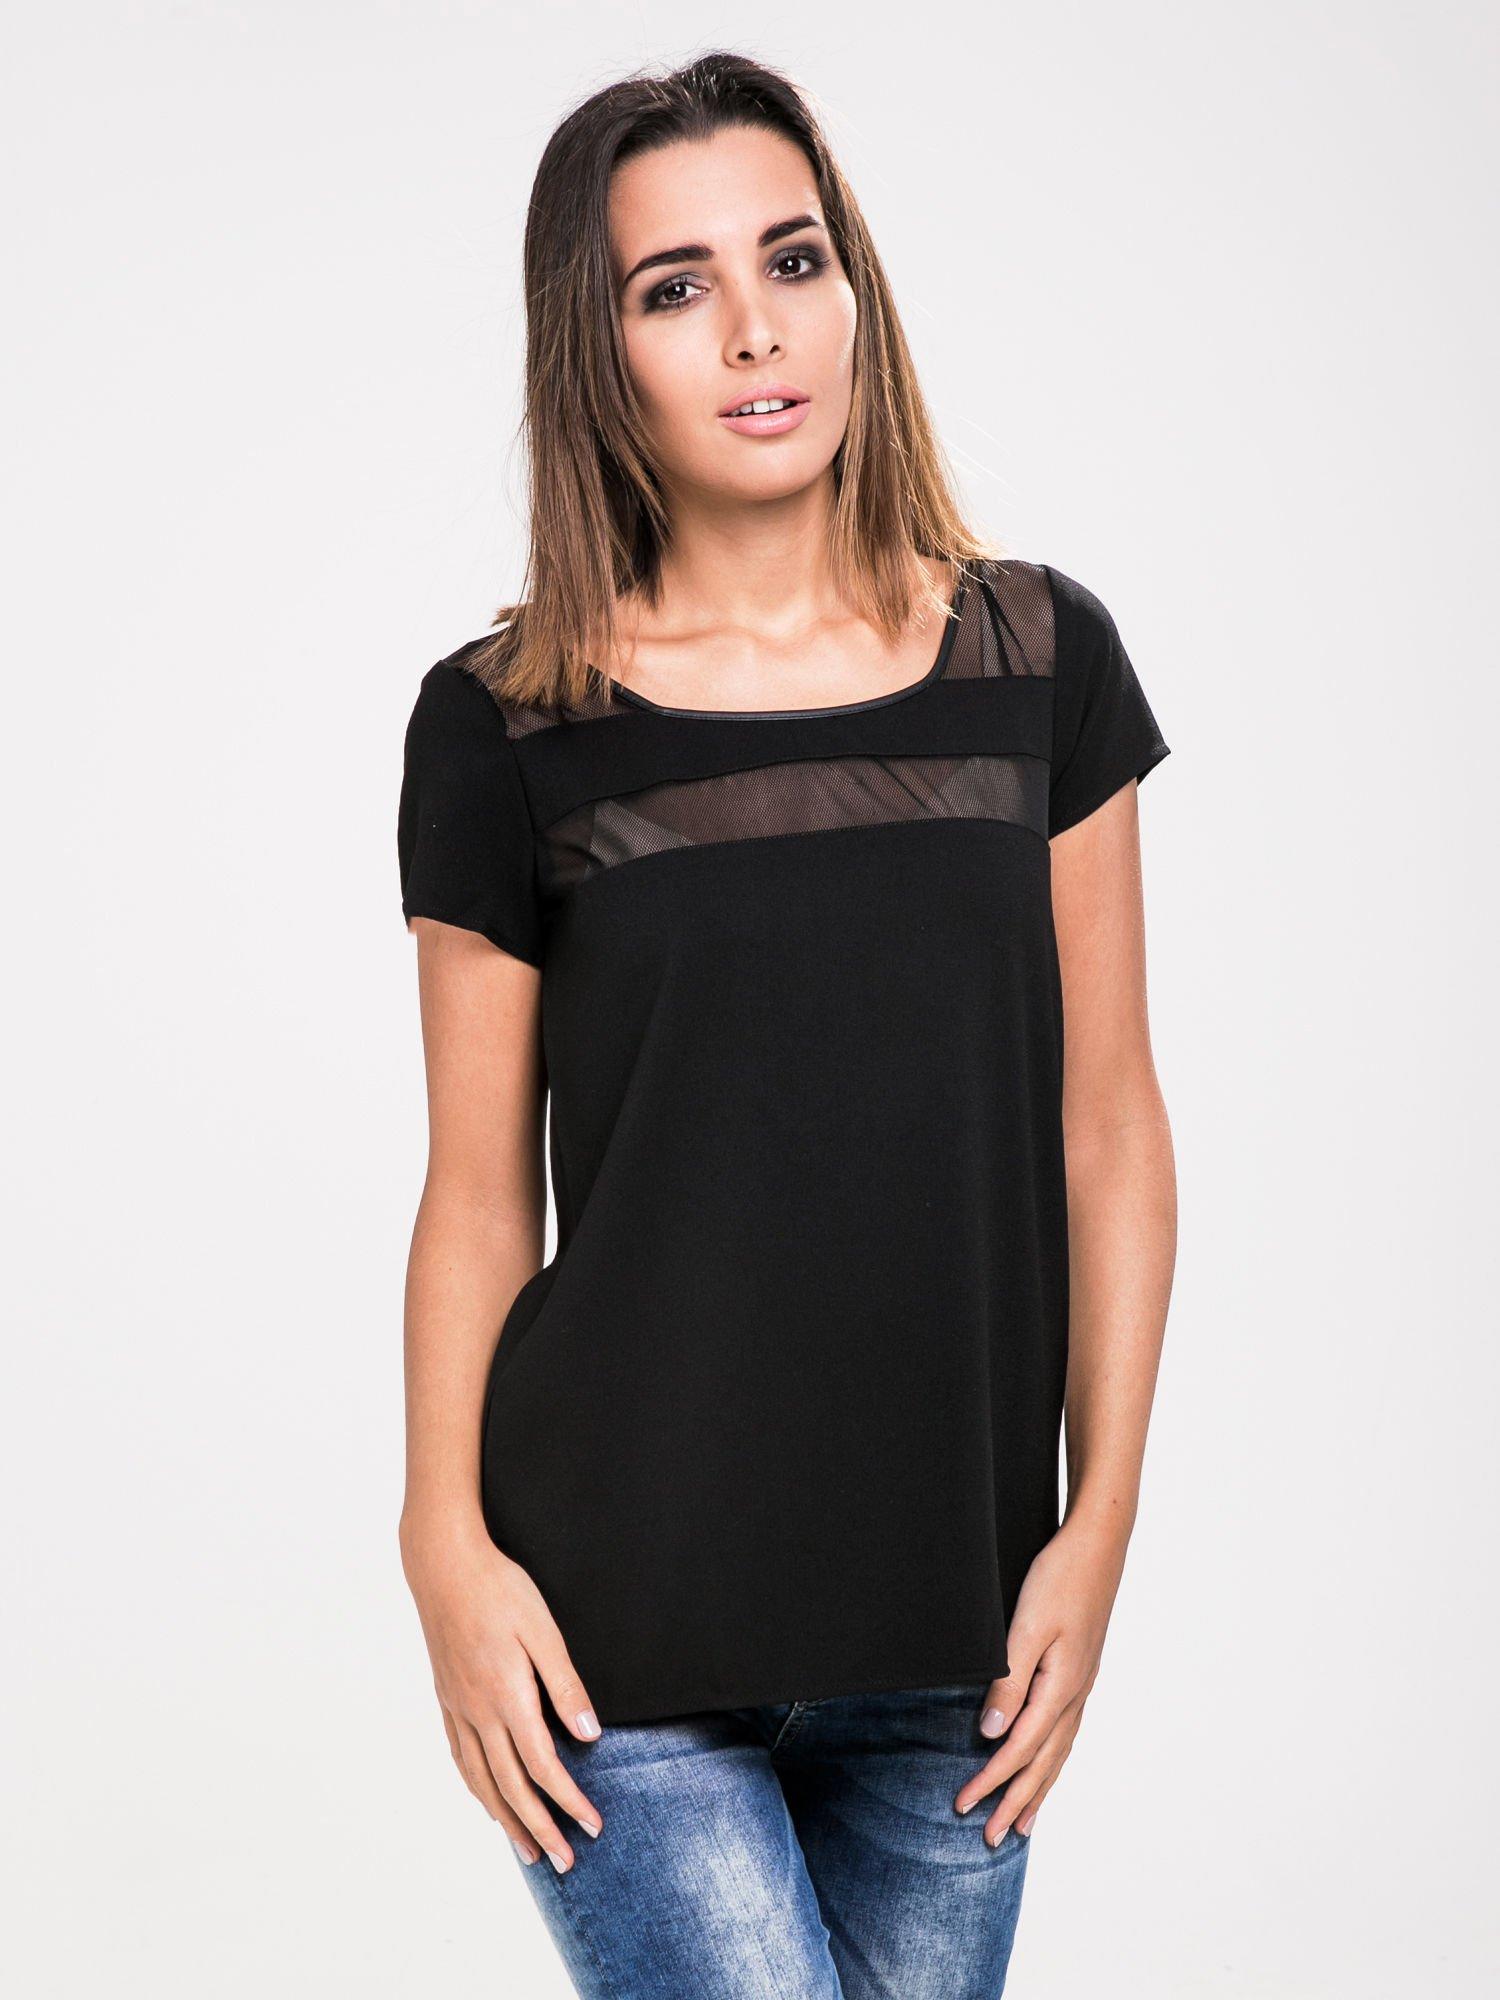 STRADIVARIUS Czarny t-shirt ze wstawkami z siateczki                                  zdj.                                  1